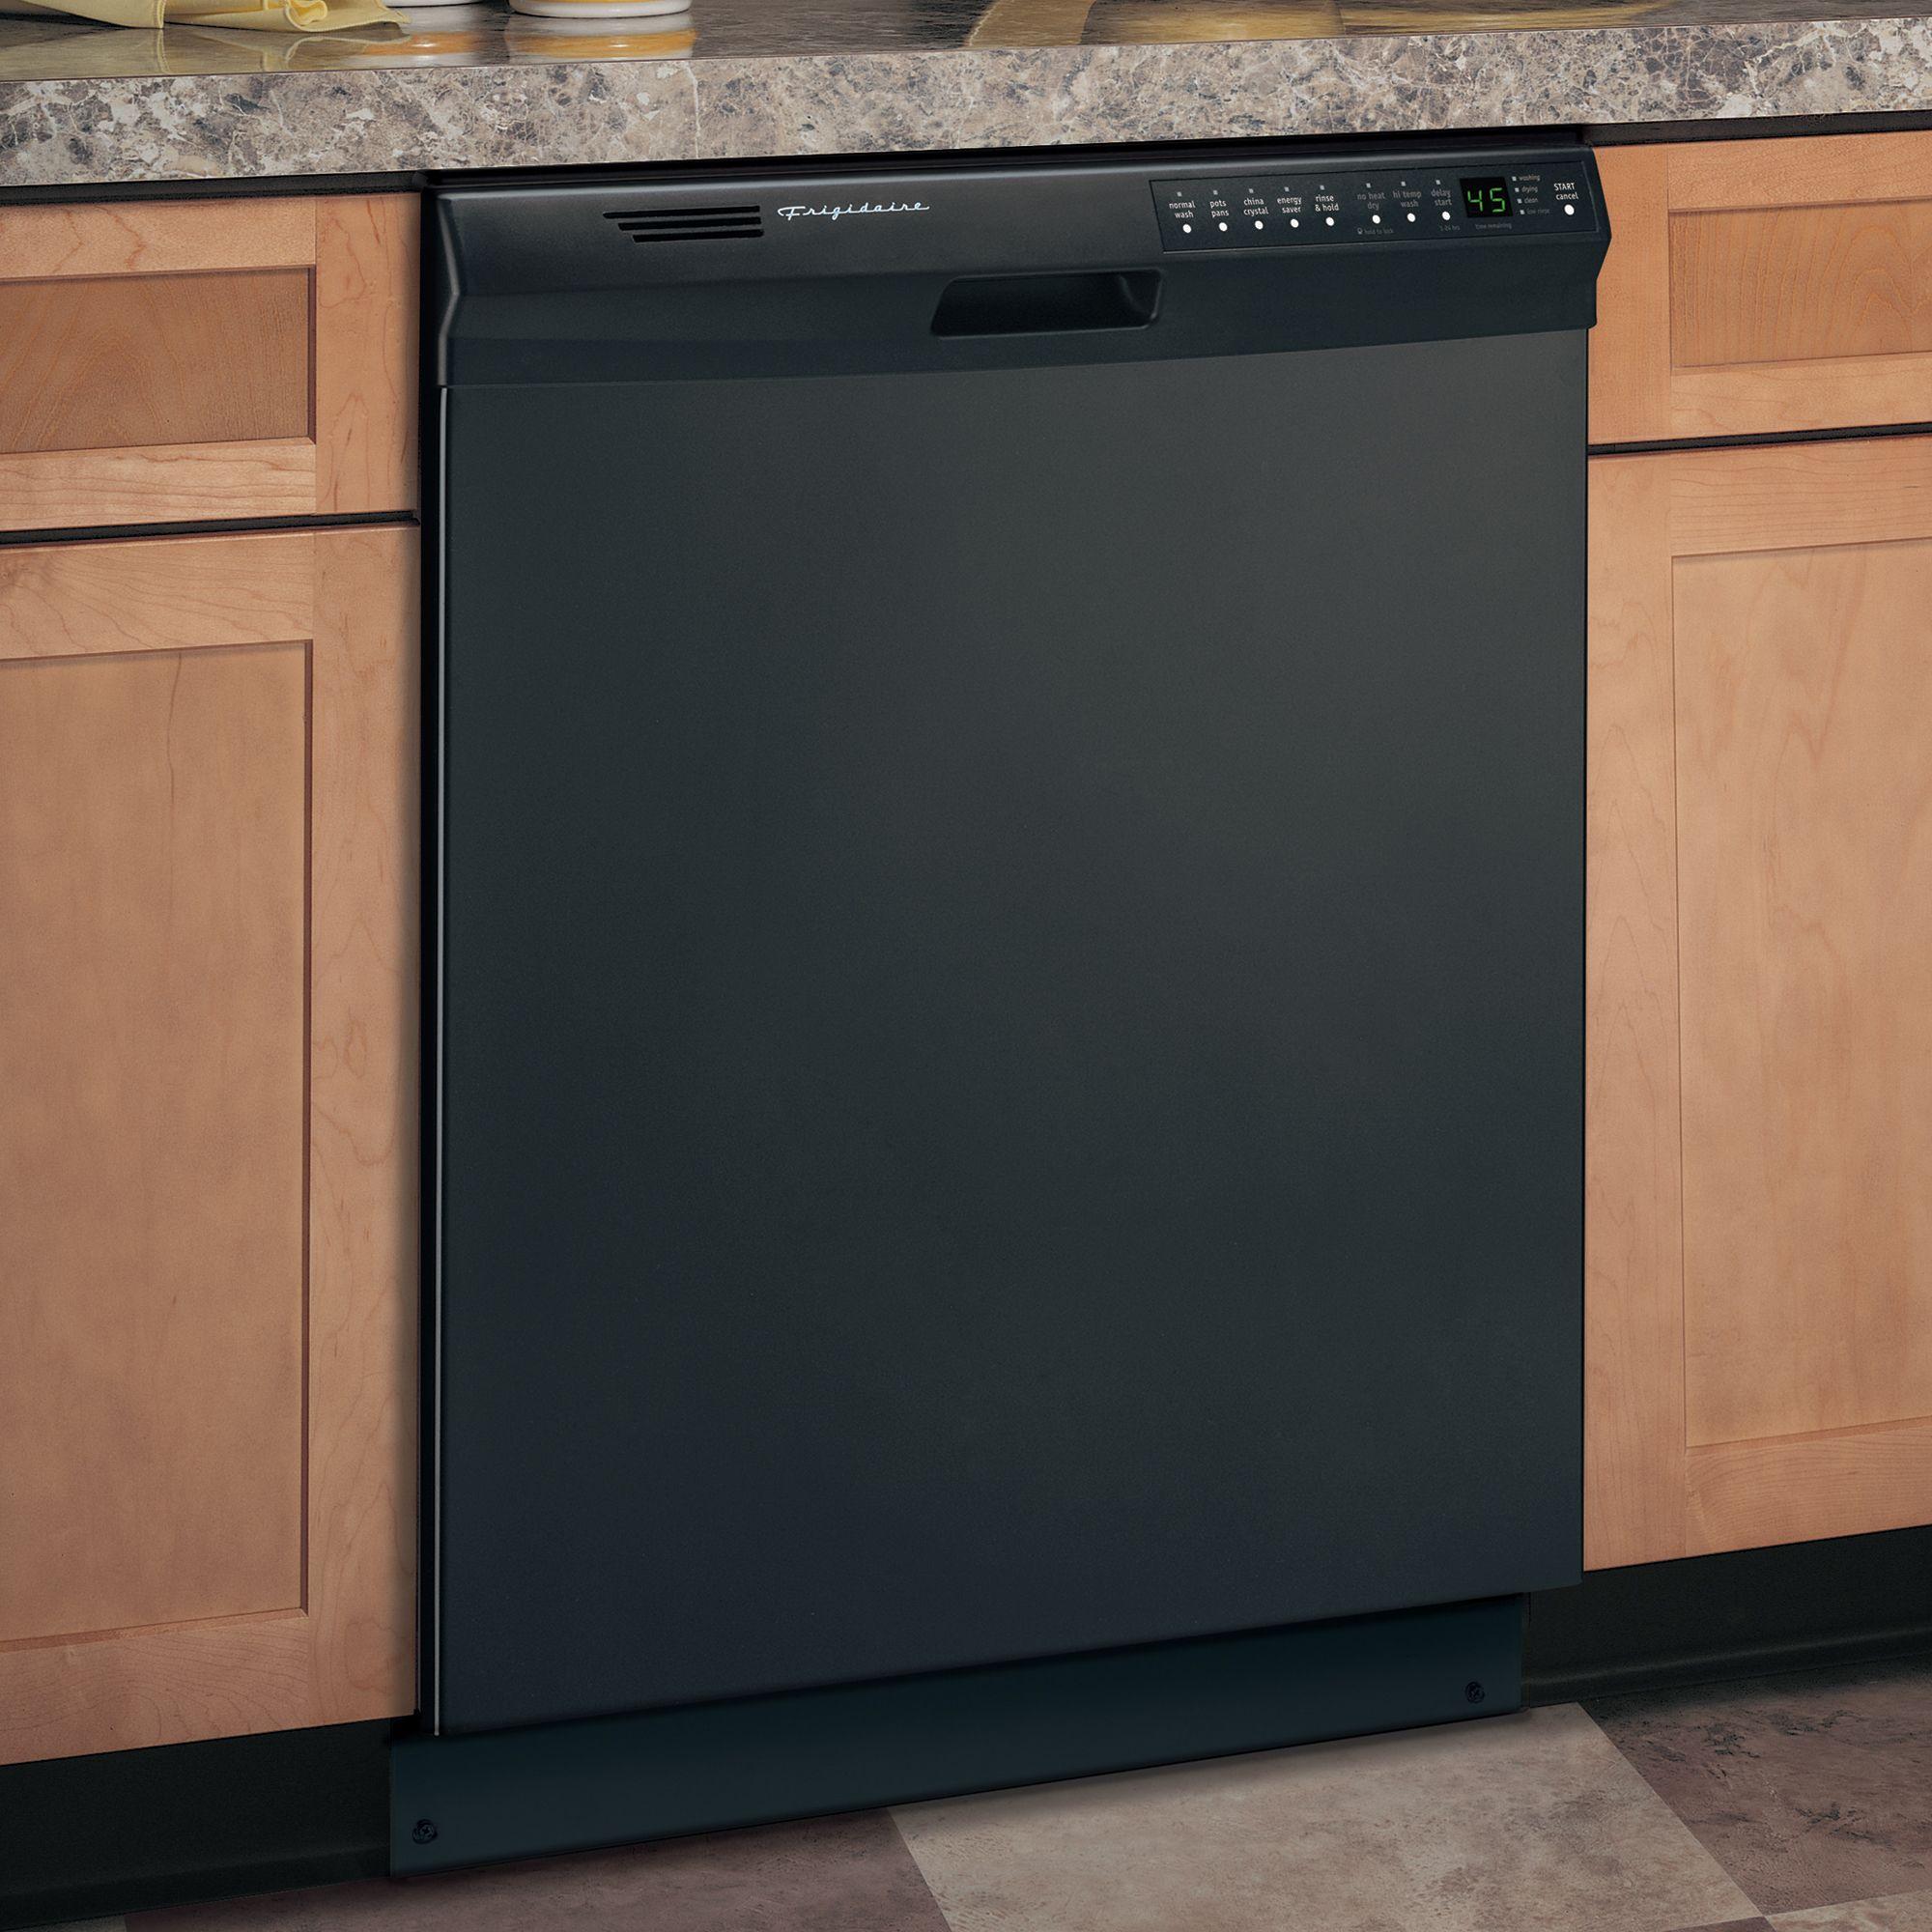 """Frigidaire FDB2410HIB 24"""" Built-In Dishwasher - Black"""